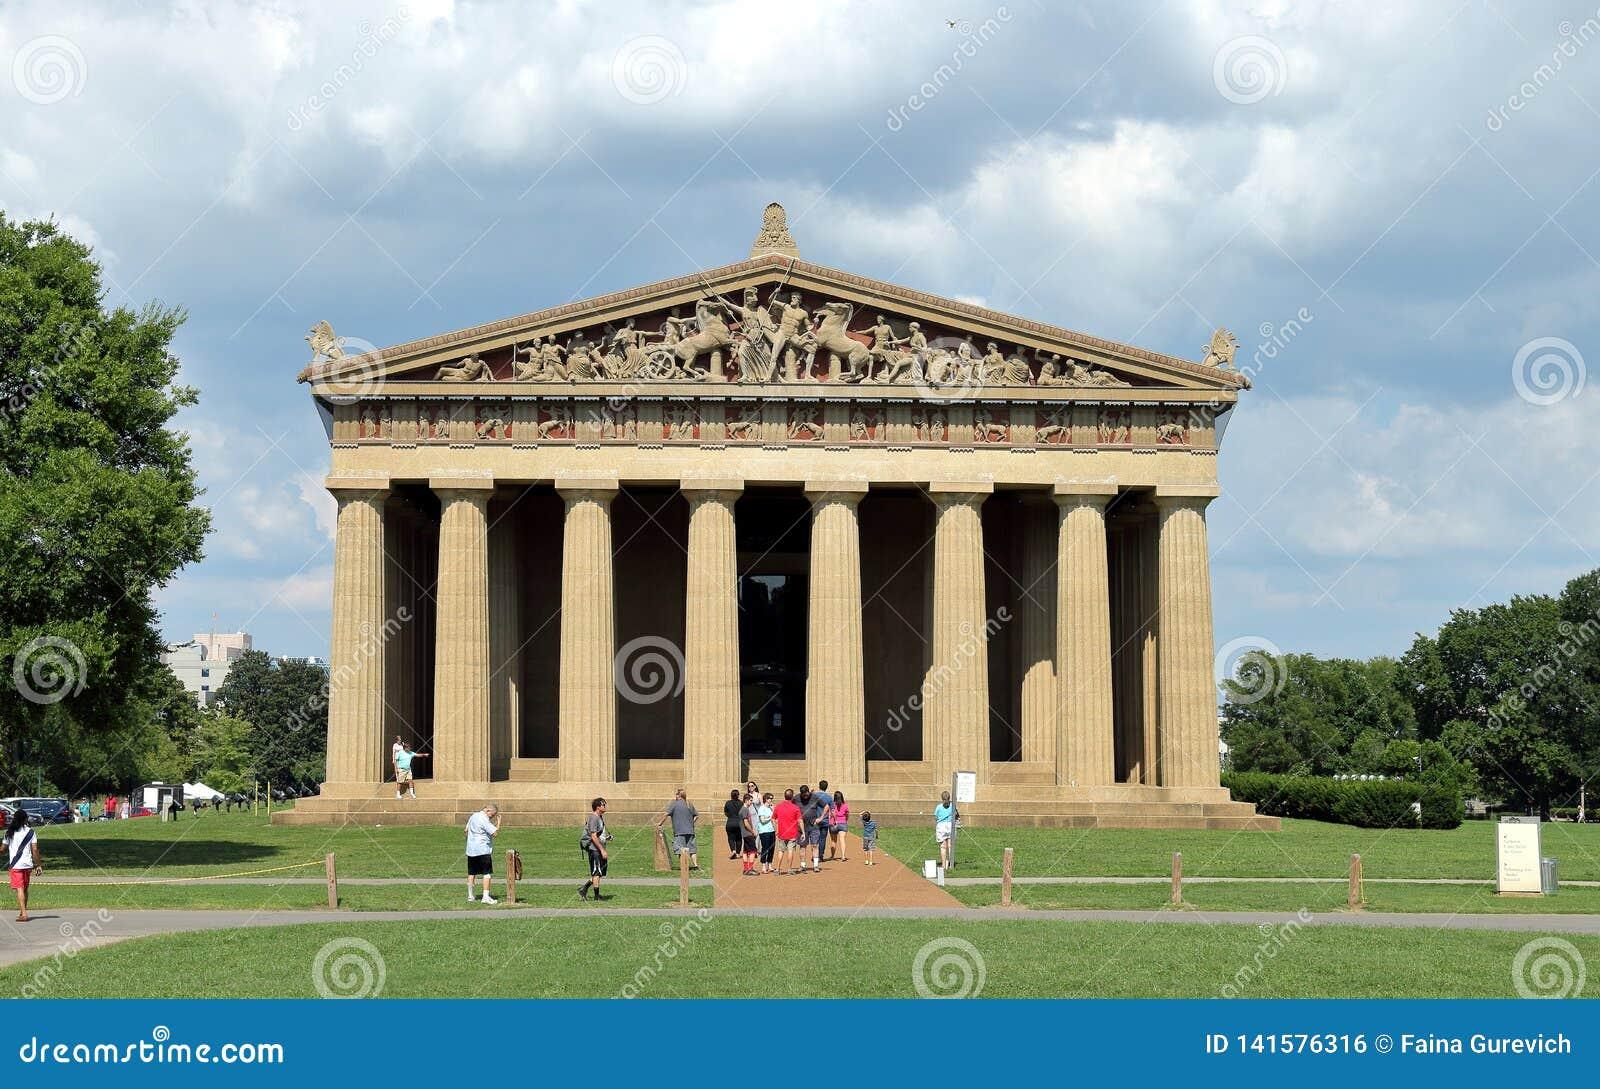 Αντίγραφο Parthenon στο εκατονταετές πάρκο στο Νάσβιλ Τένεσι ΗΠΑ